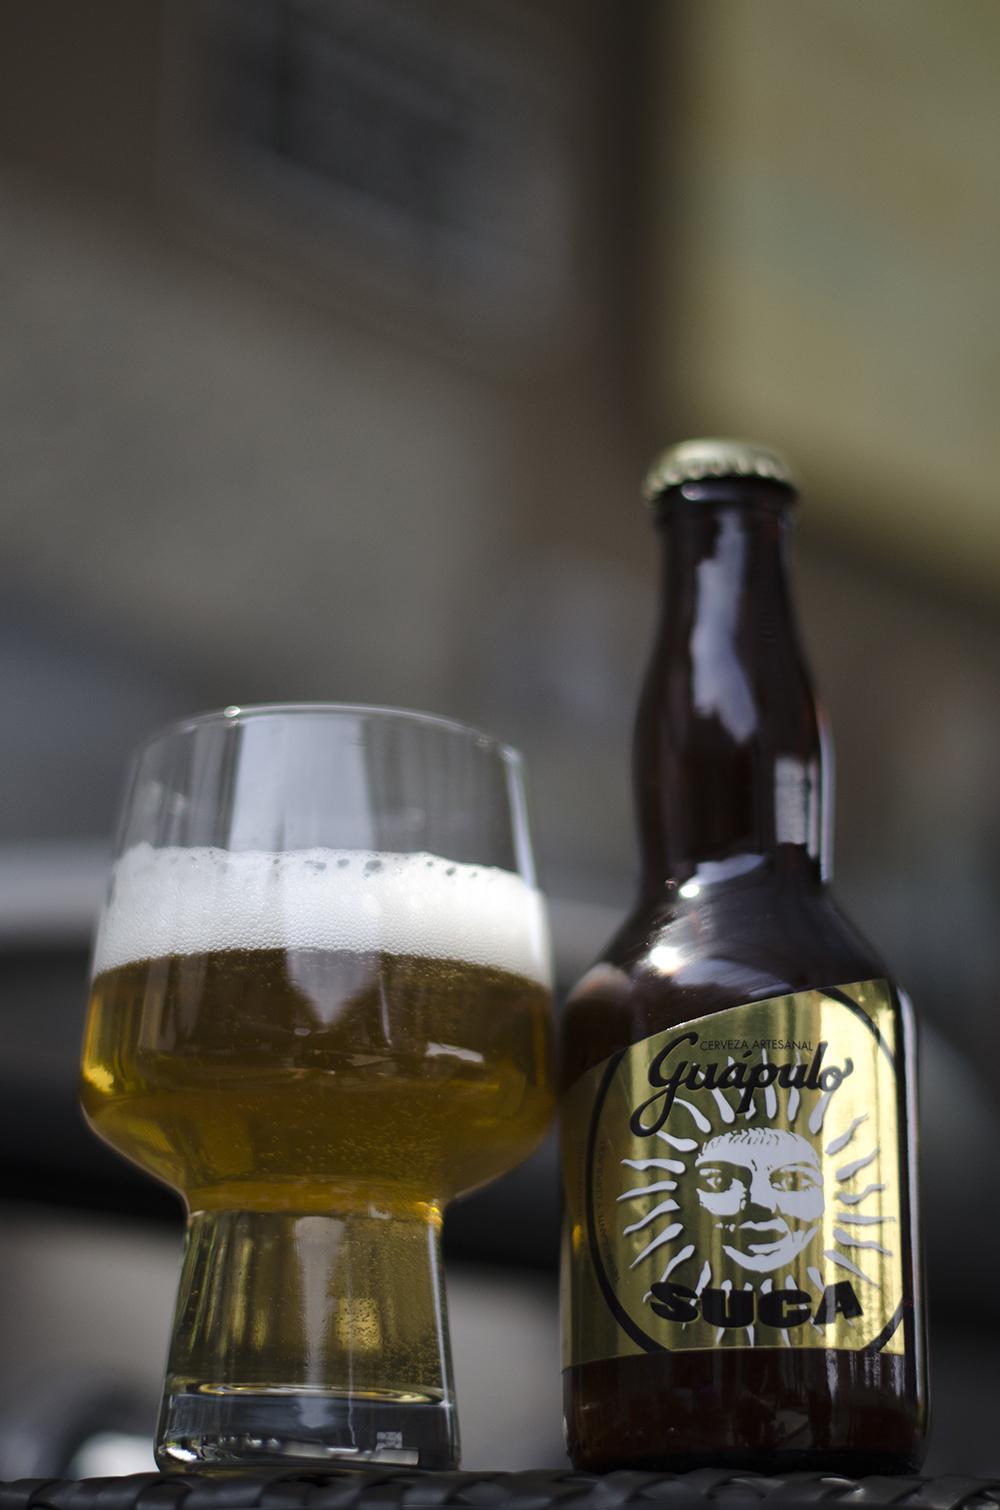 Cervecería Guápulo  - Suca  Rubia  5,5%